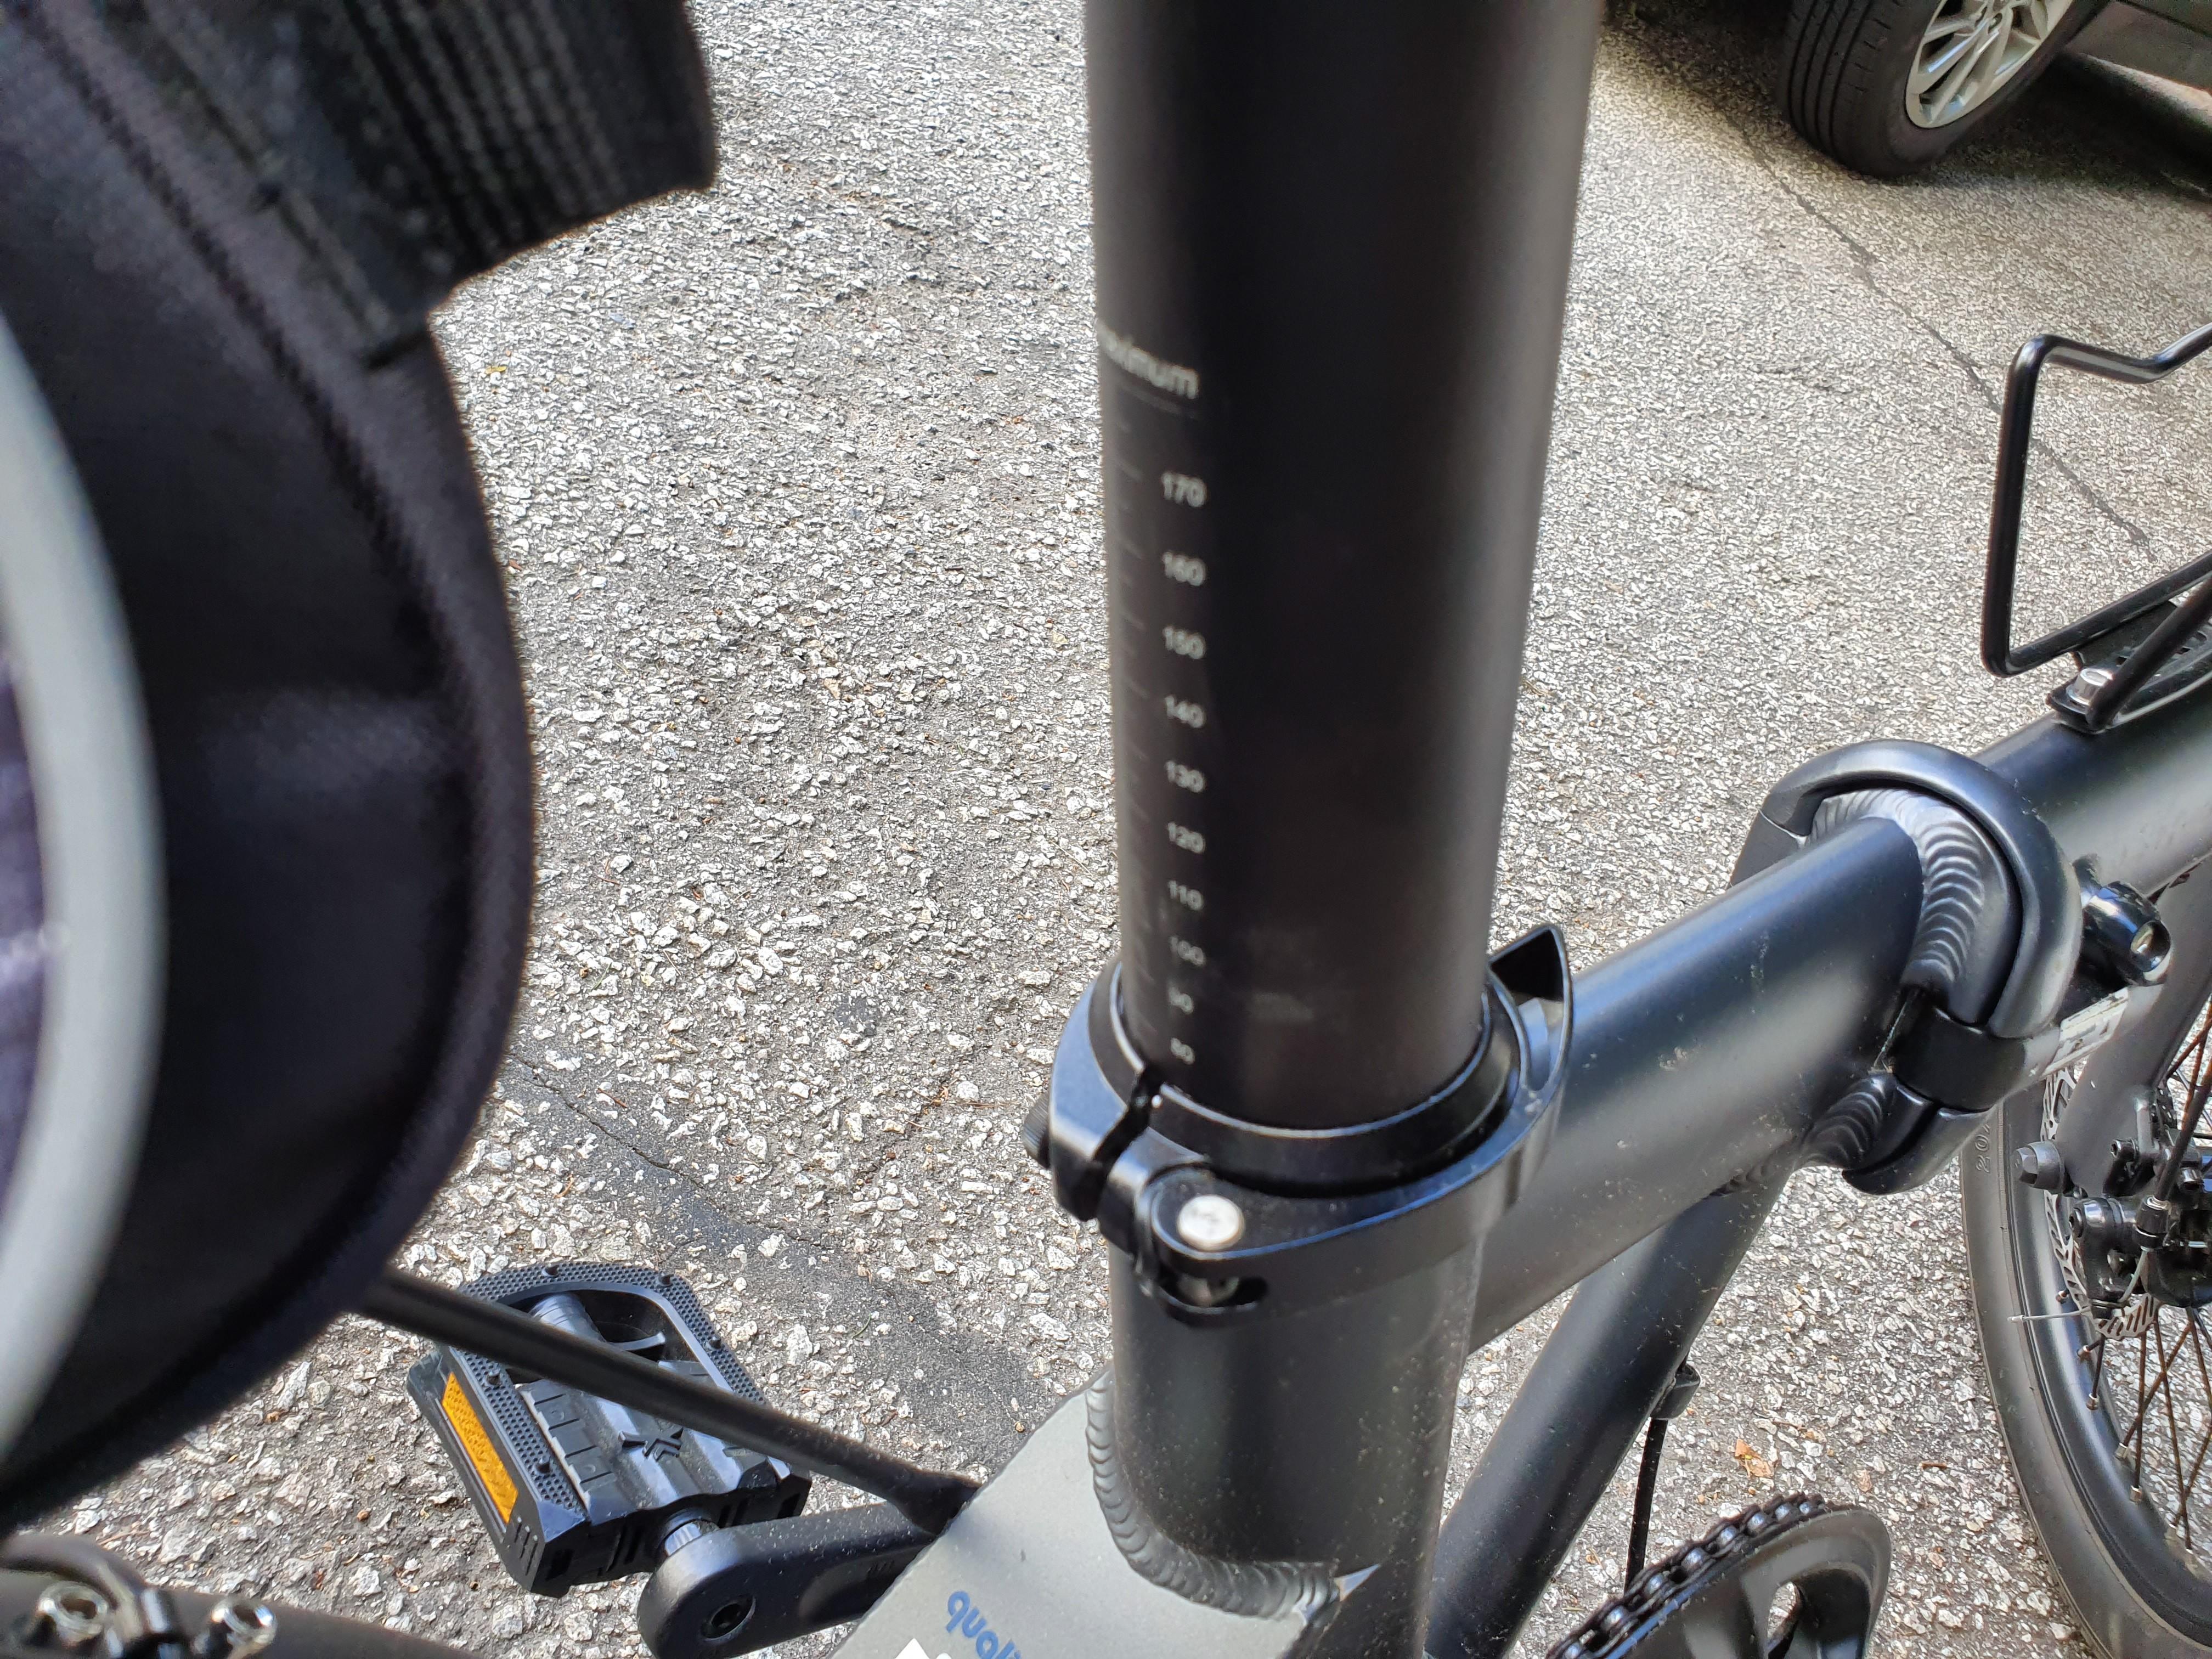 가성비 전기자전거 퀄리 Q3 라이딩 후기 19